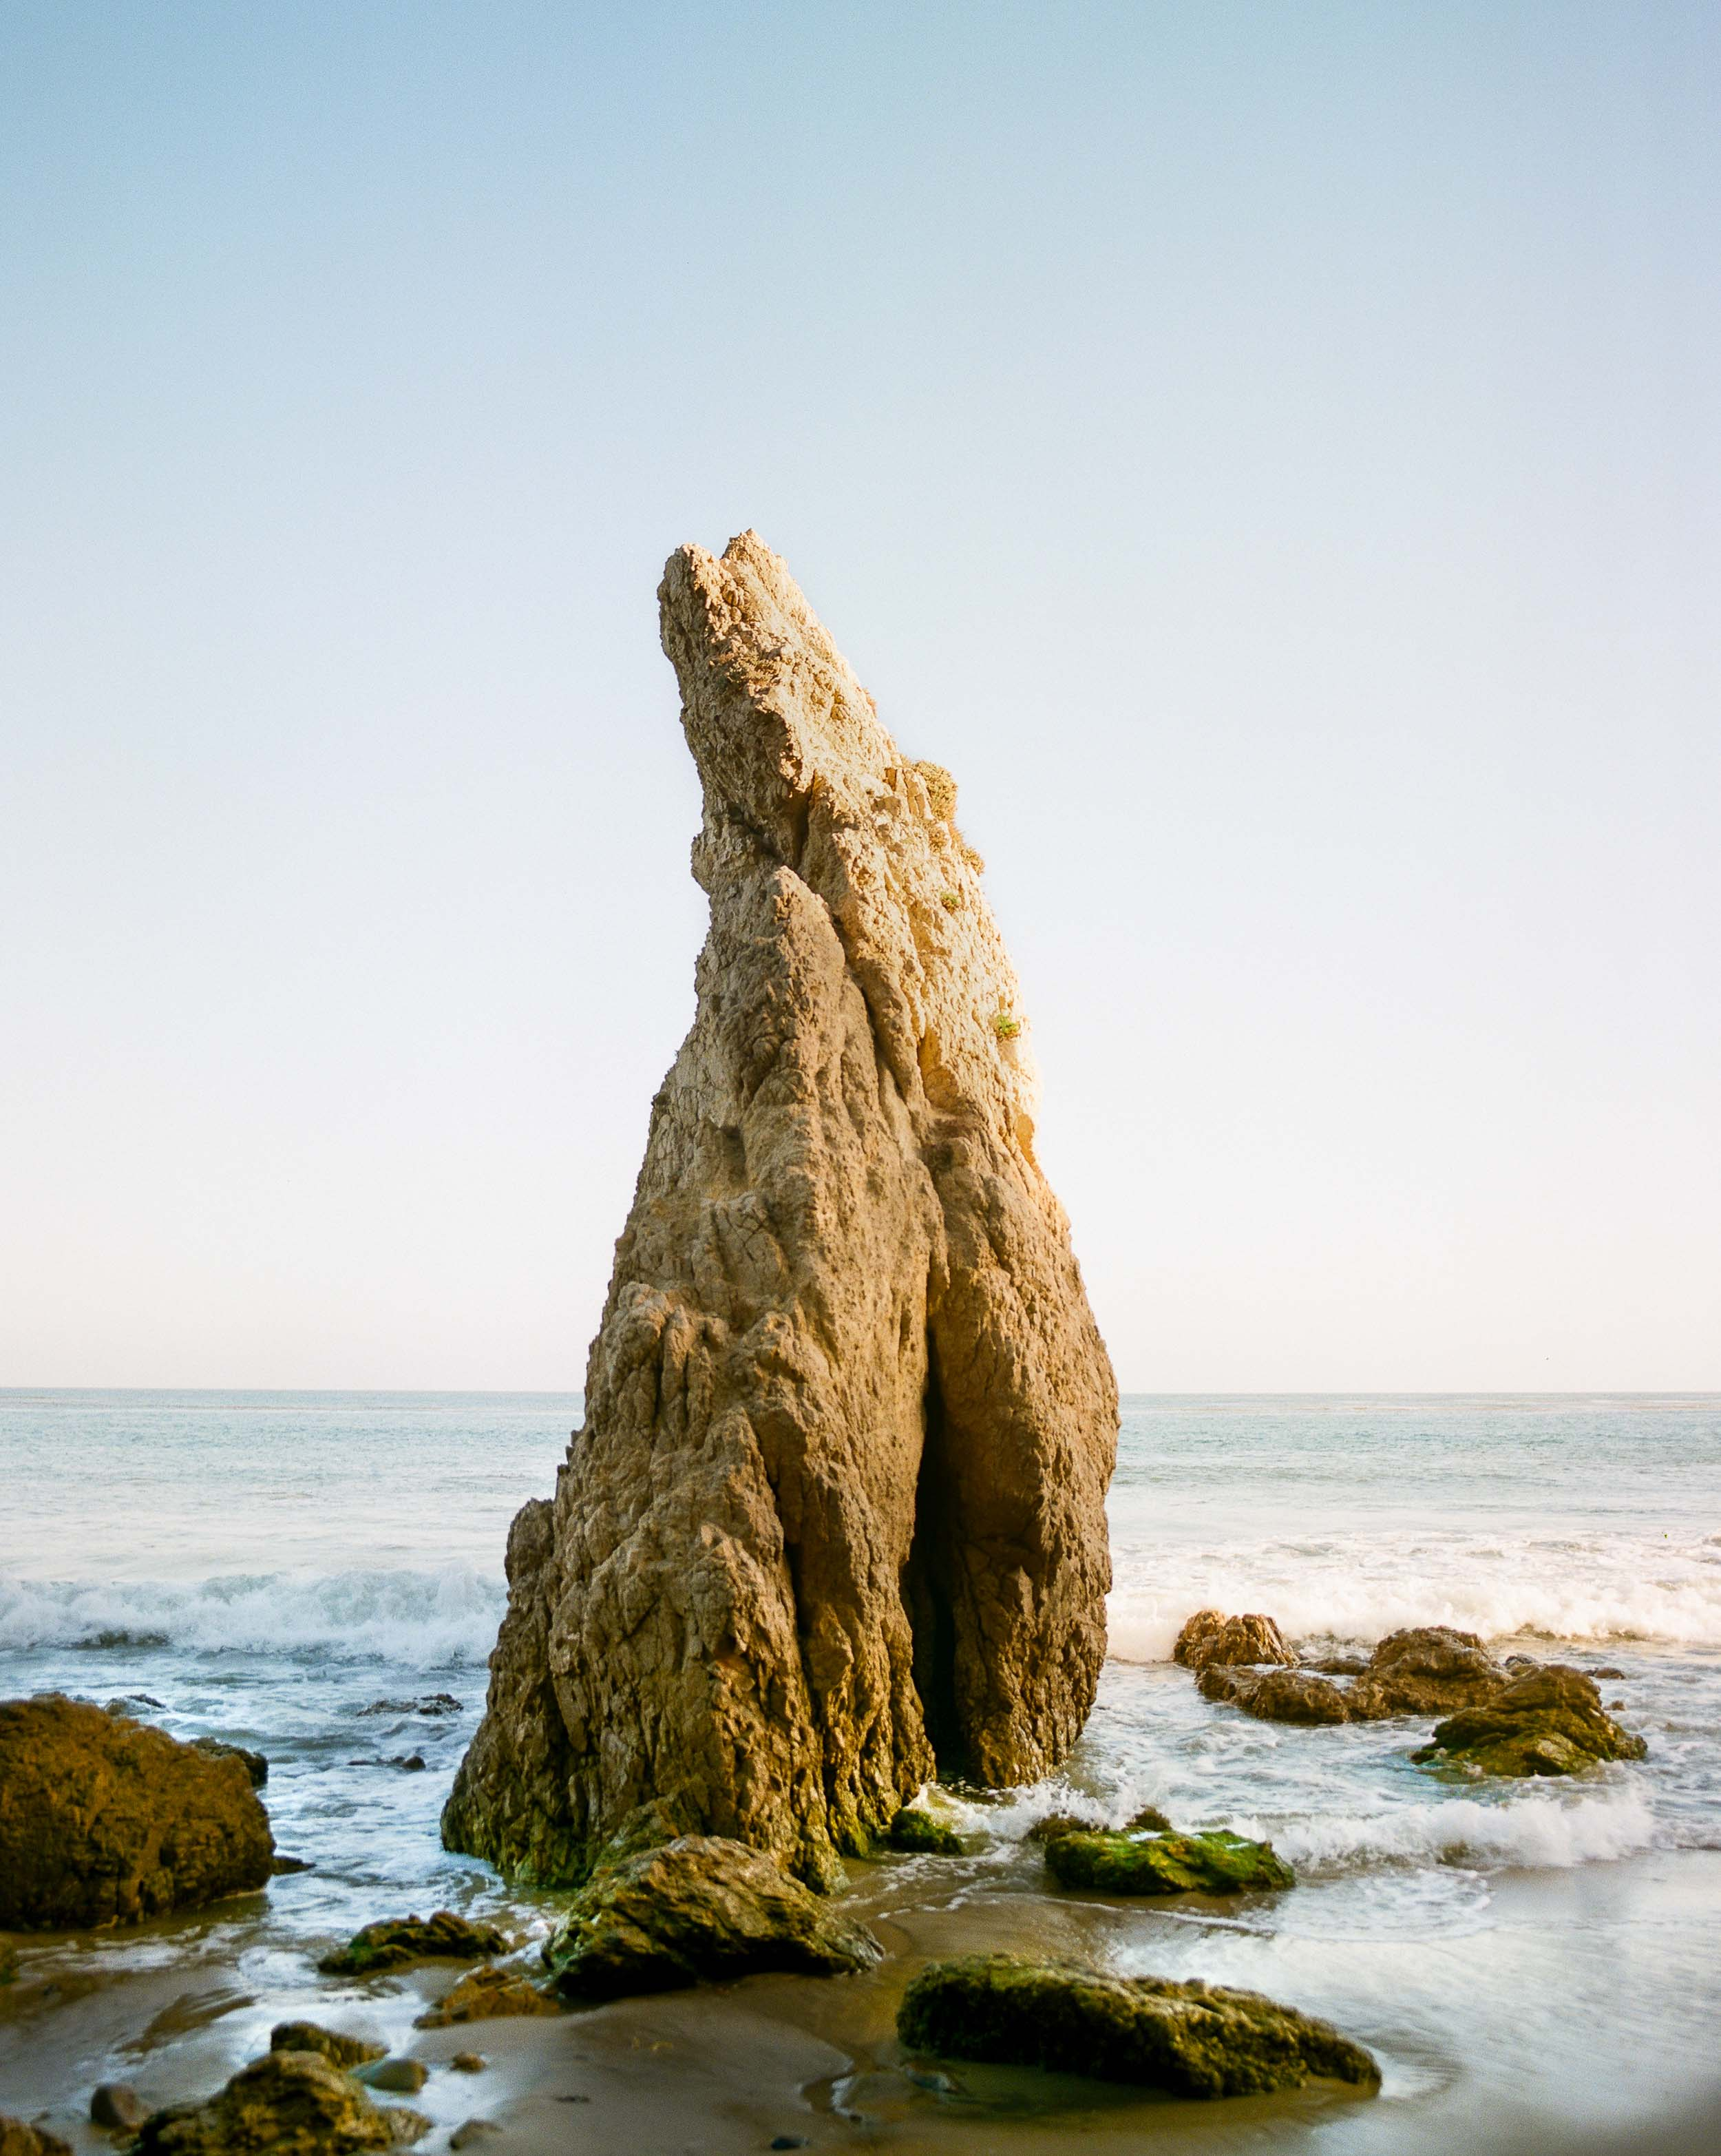 El Matador Beach Rock